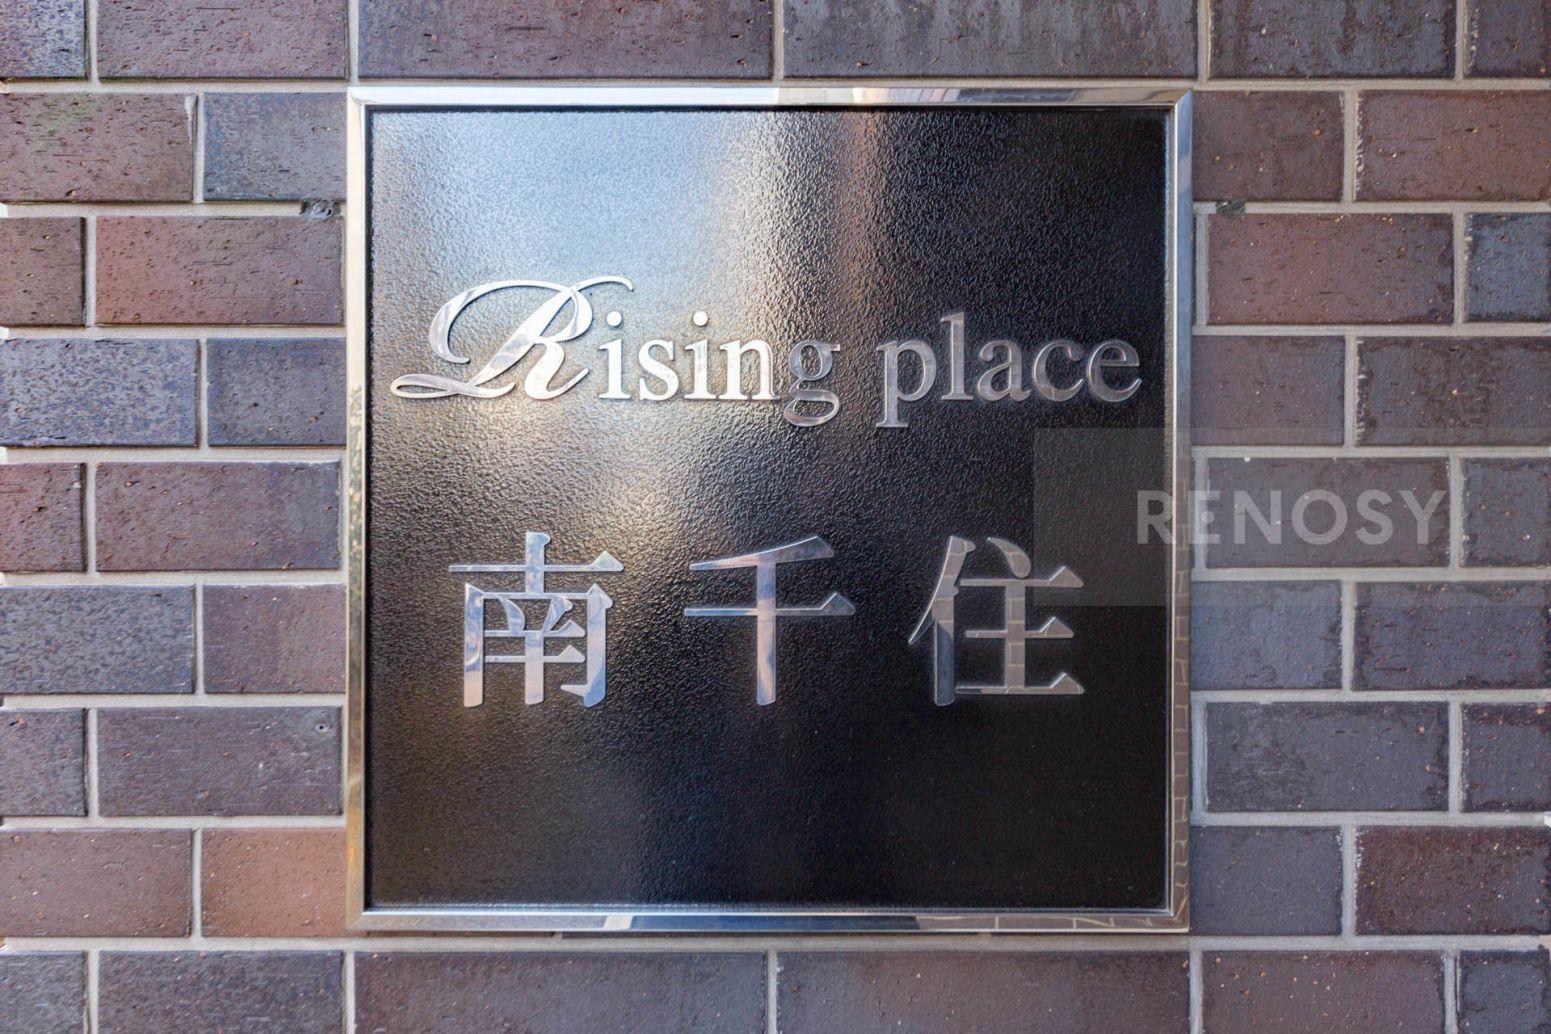 Risingplace南千住